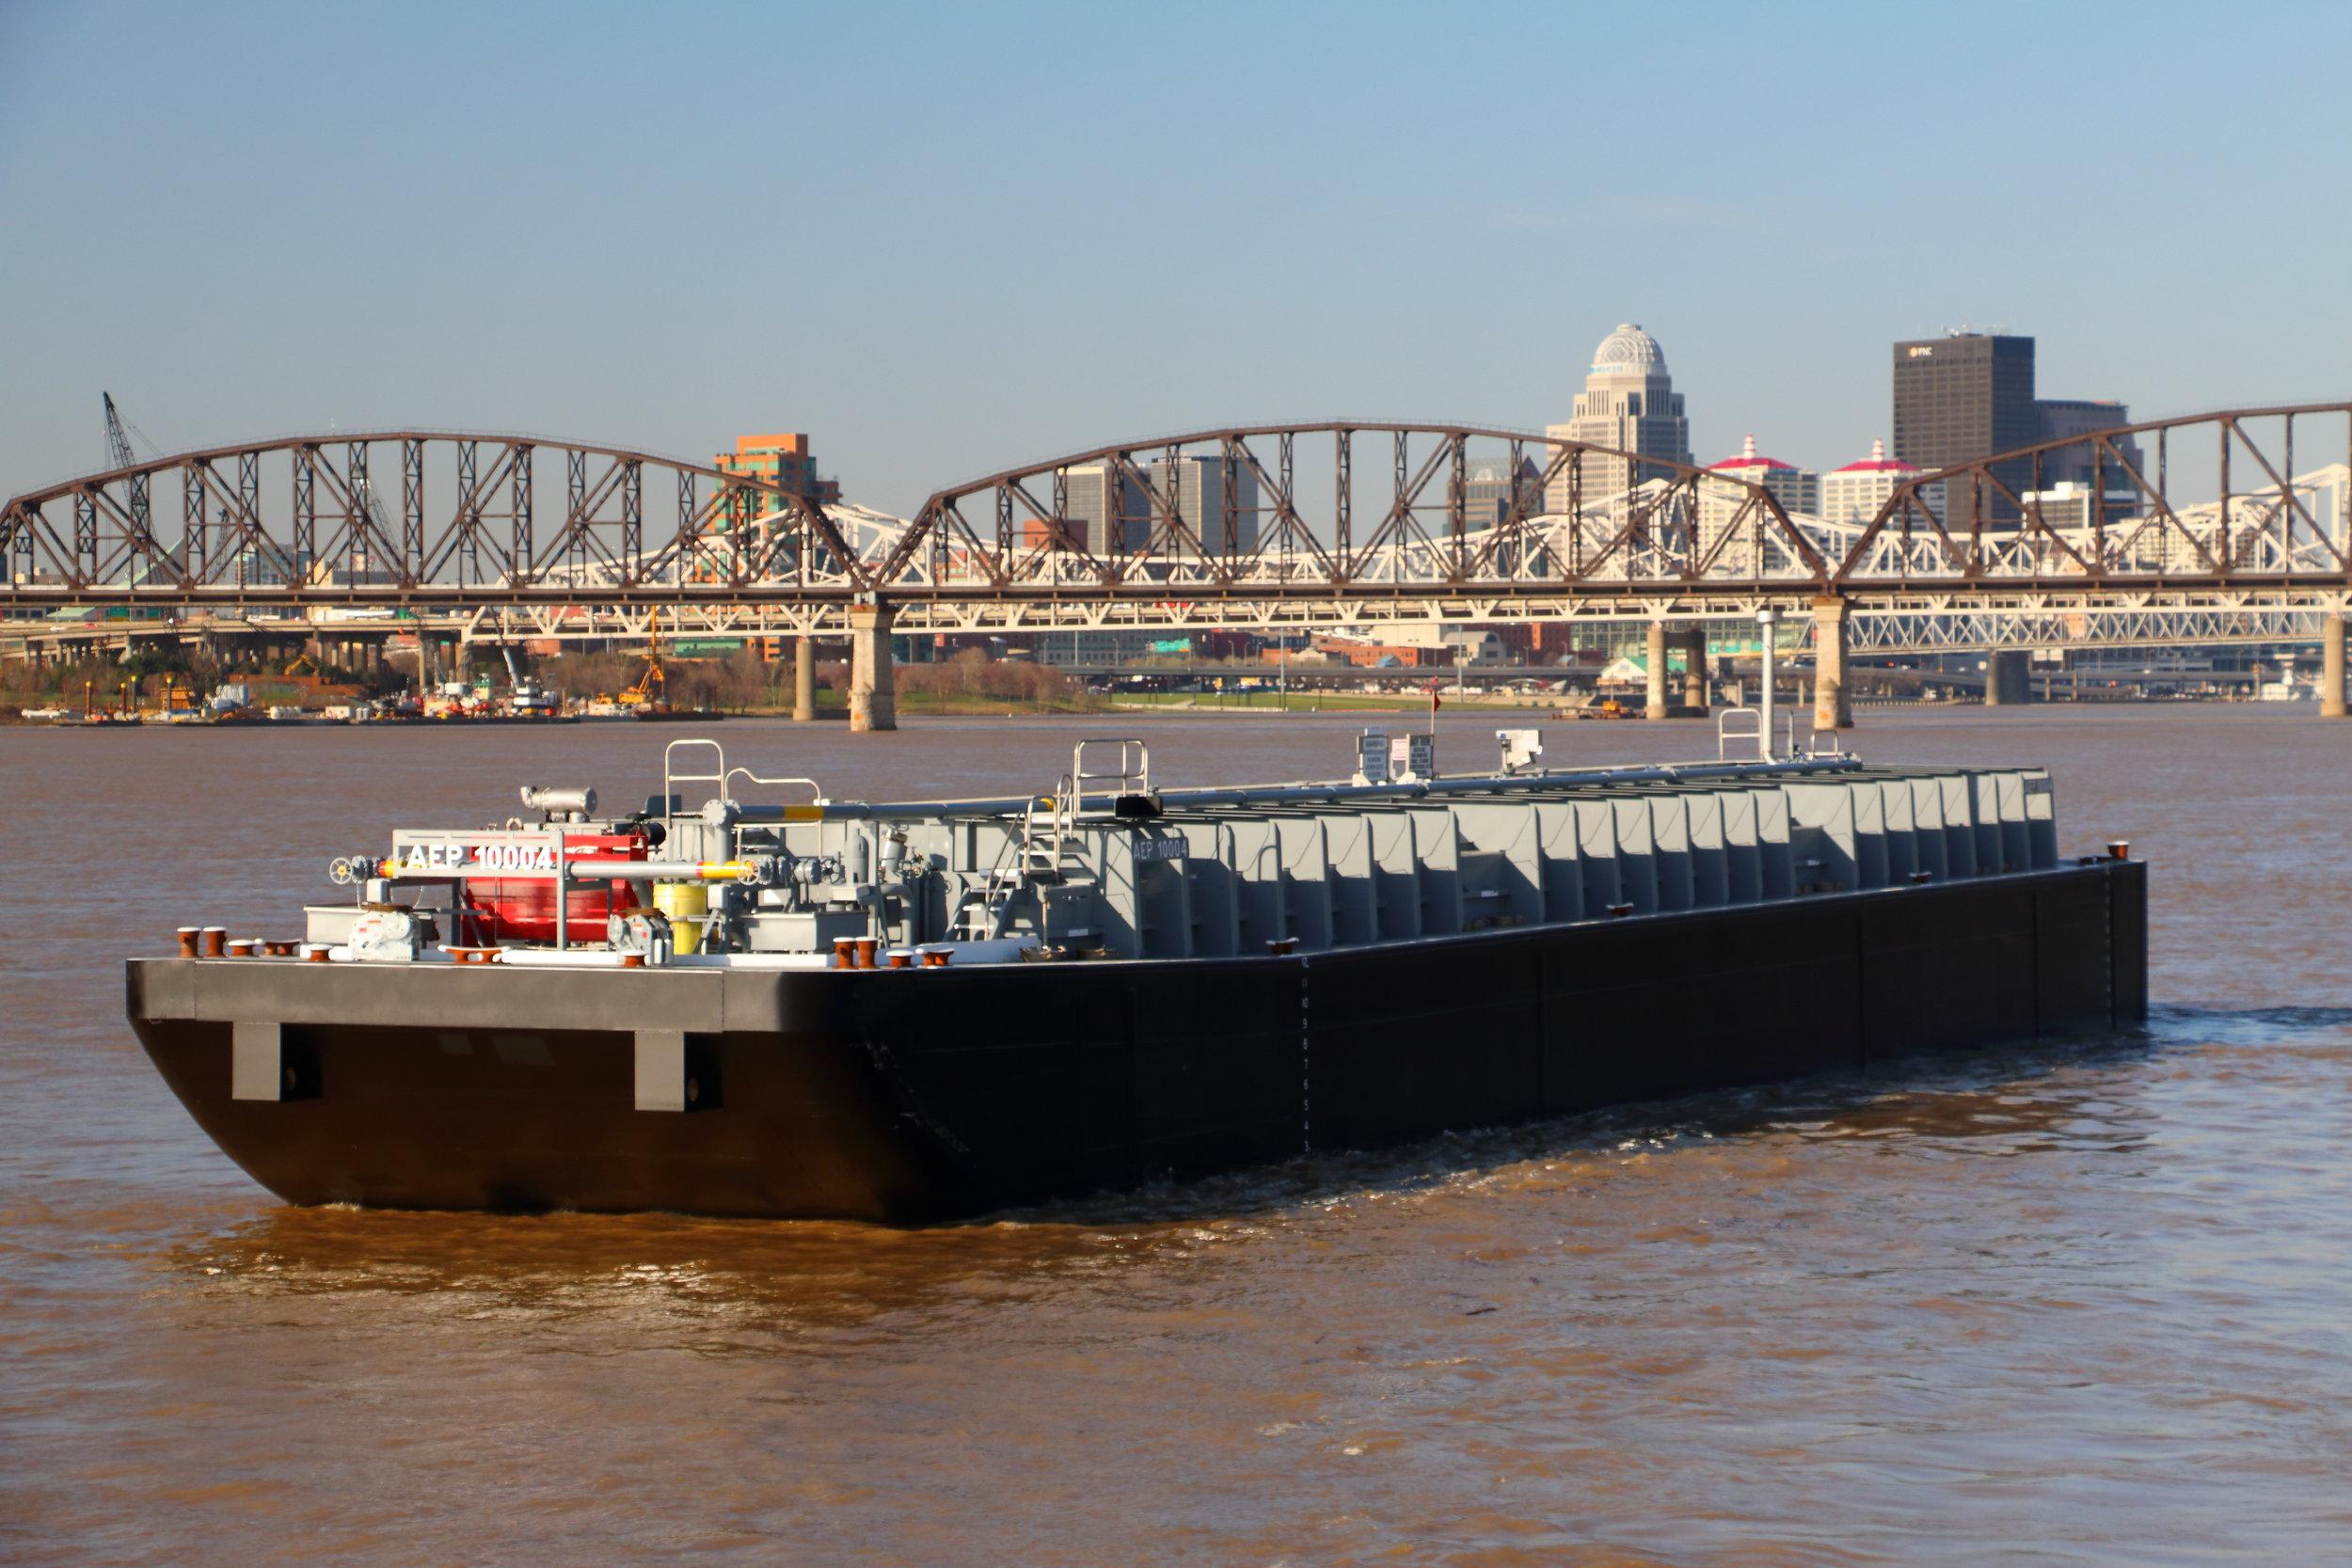 10,000 bbl, externally framed chemical barge